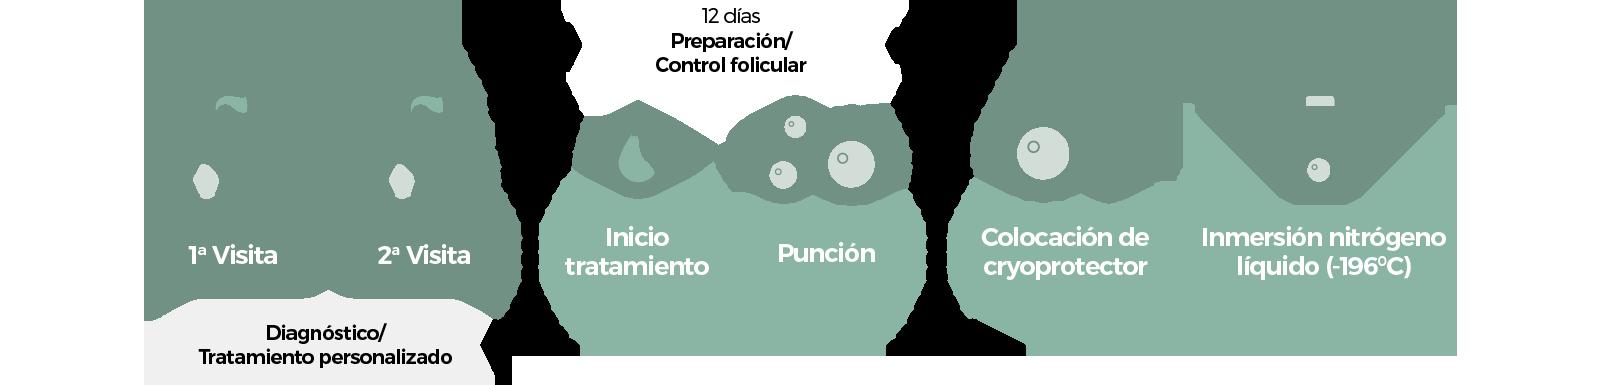 Procedimiento Cyro óvulos